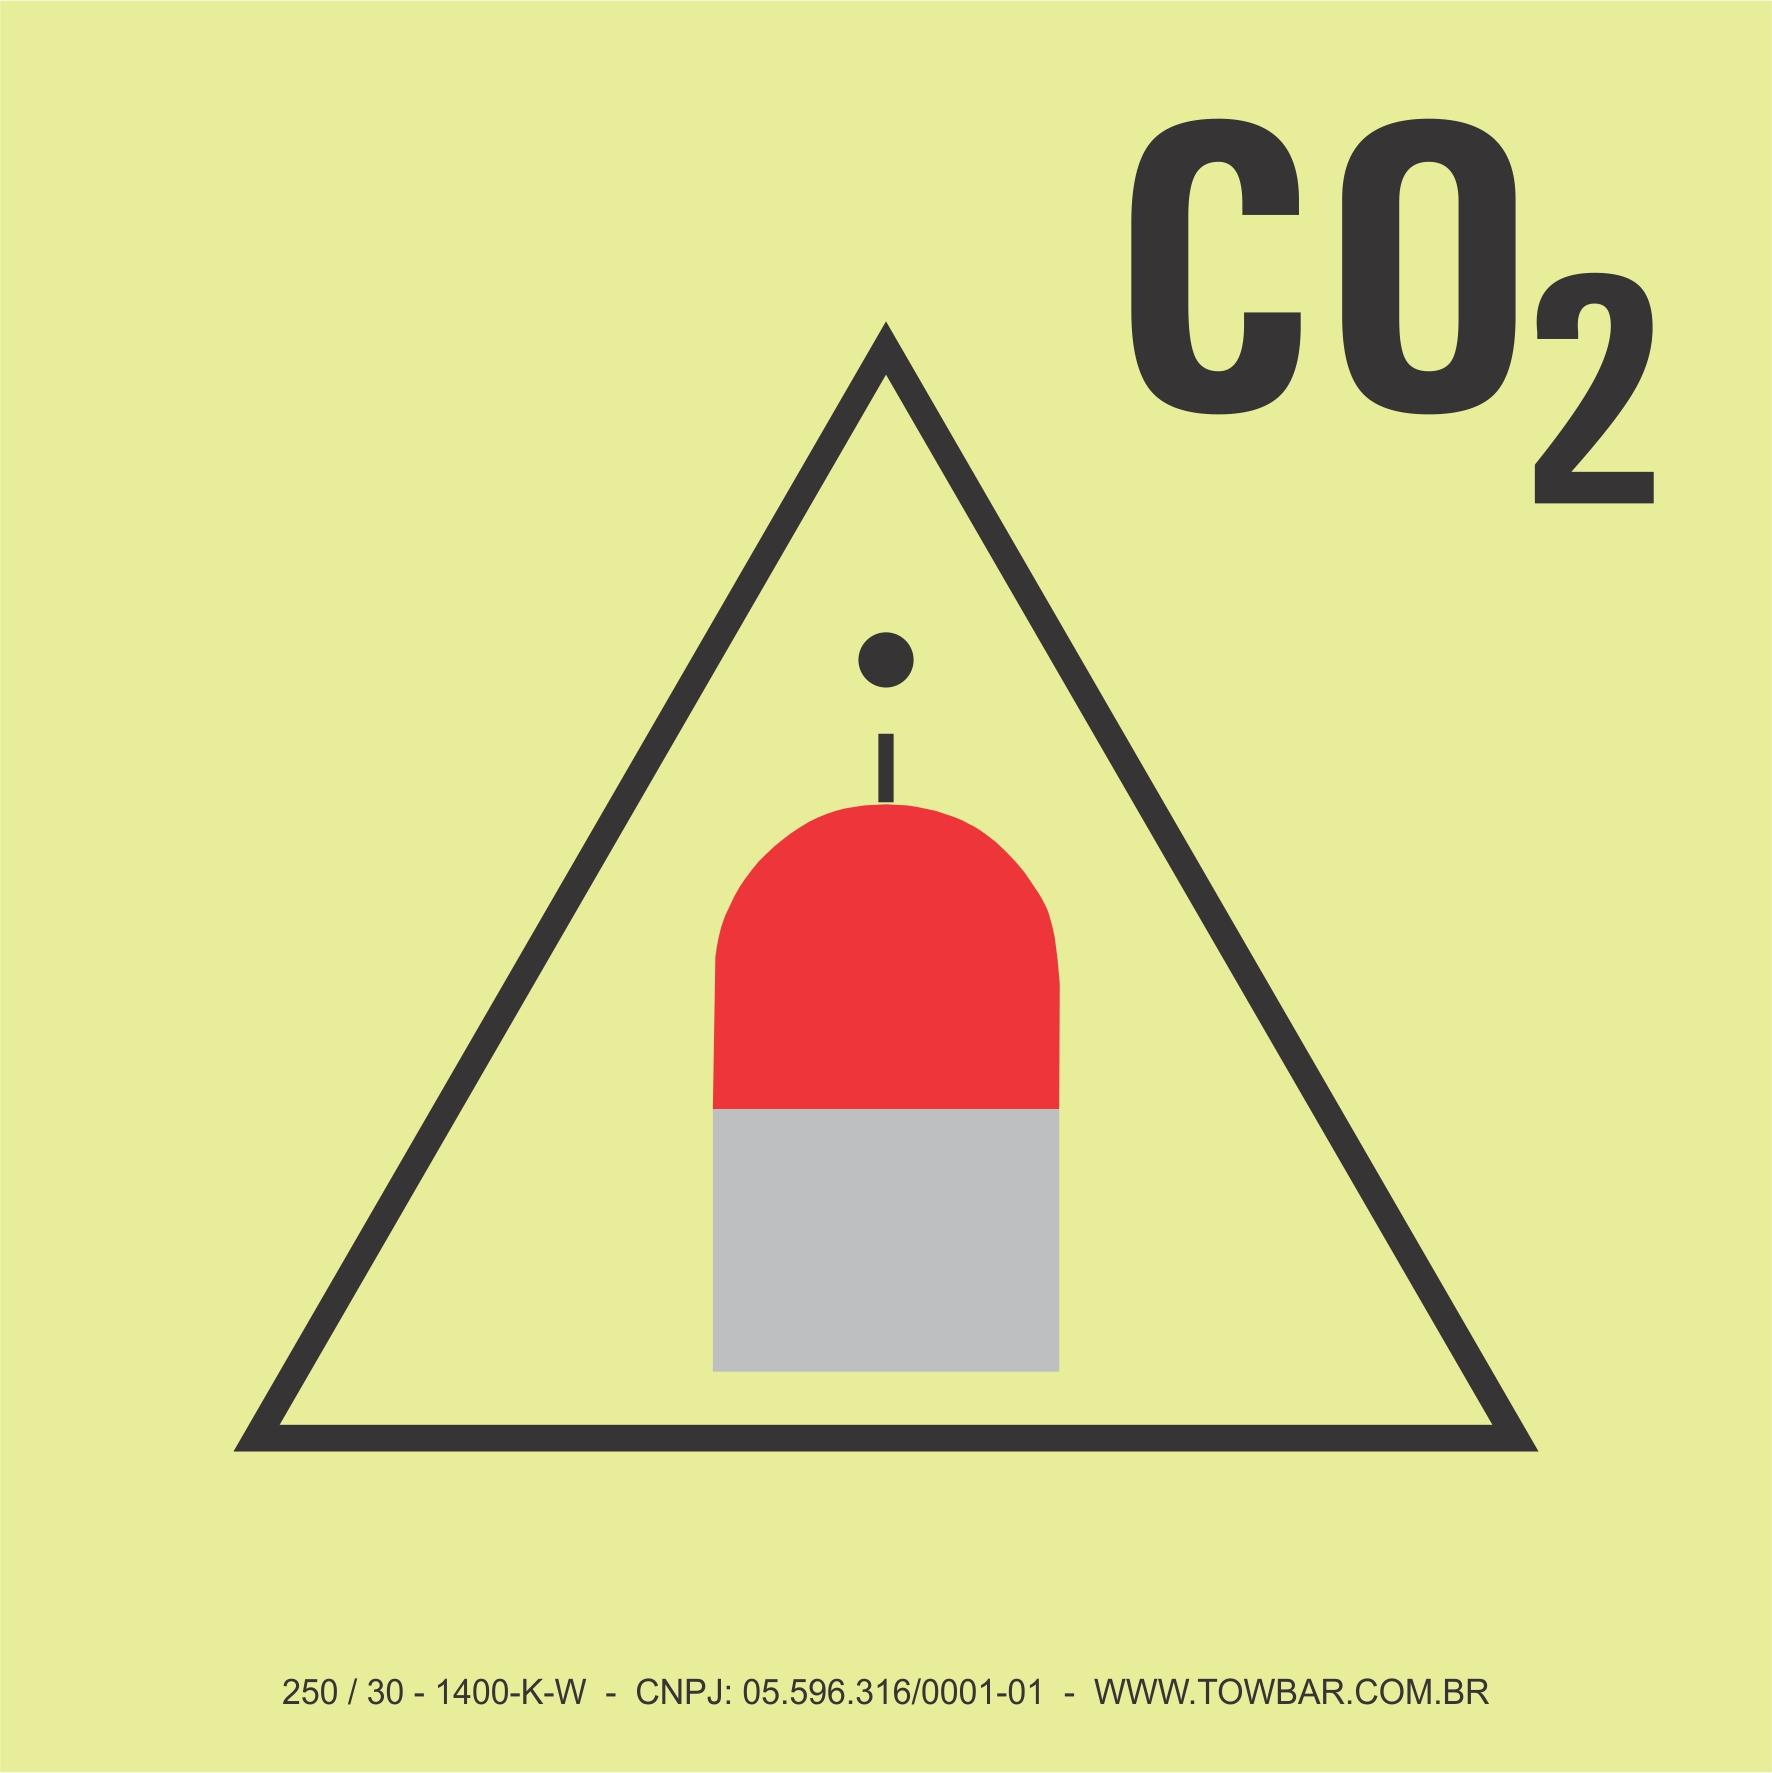 CO2 Remote Release Station  - Towbar Sinalização de Segurança